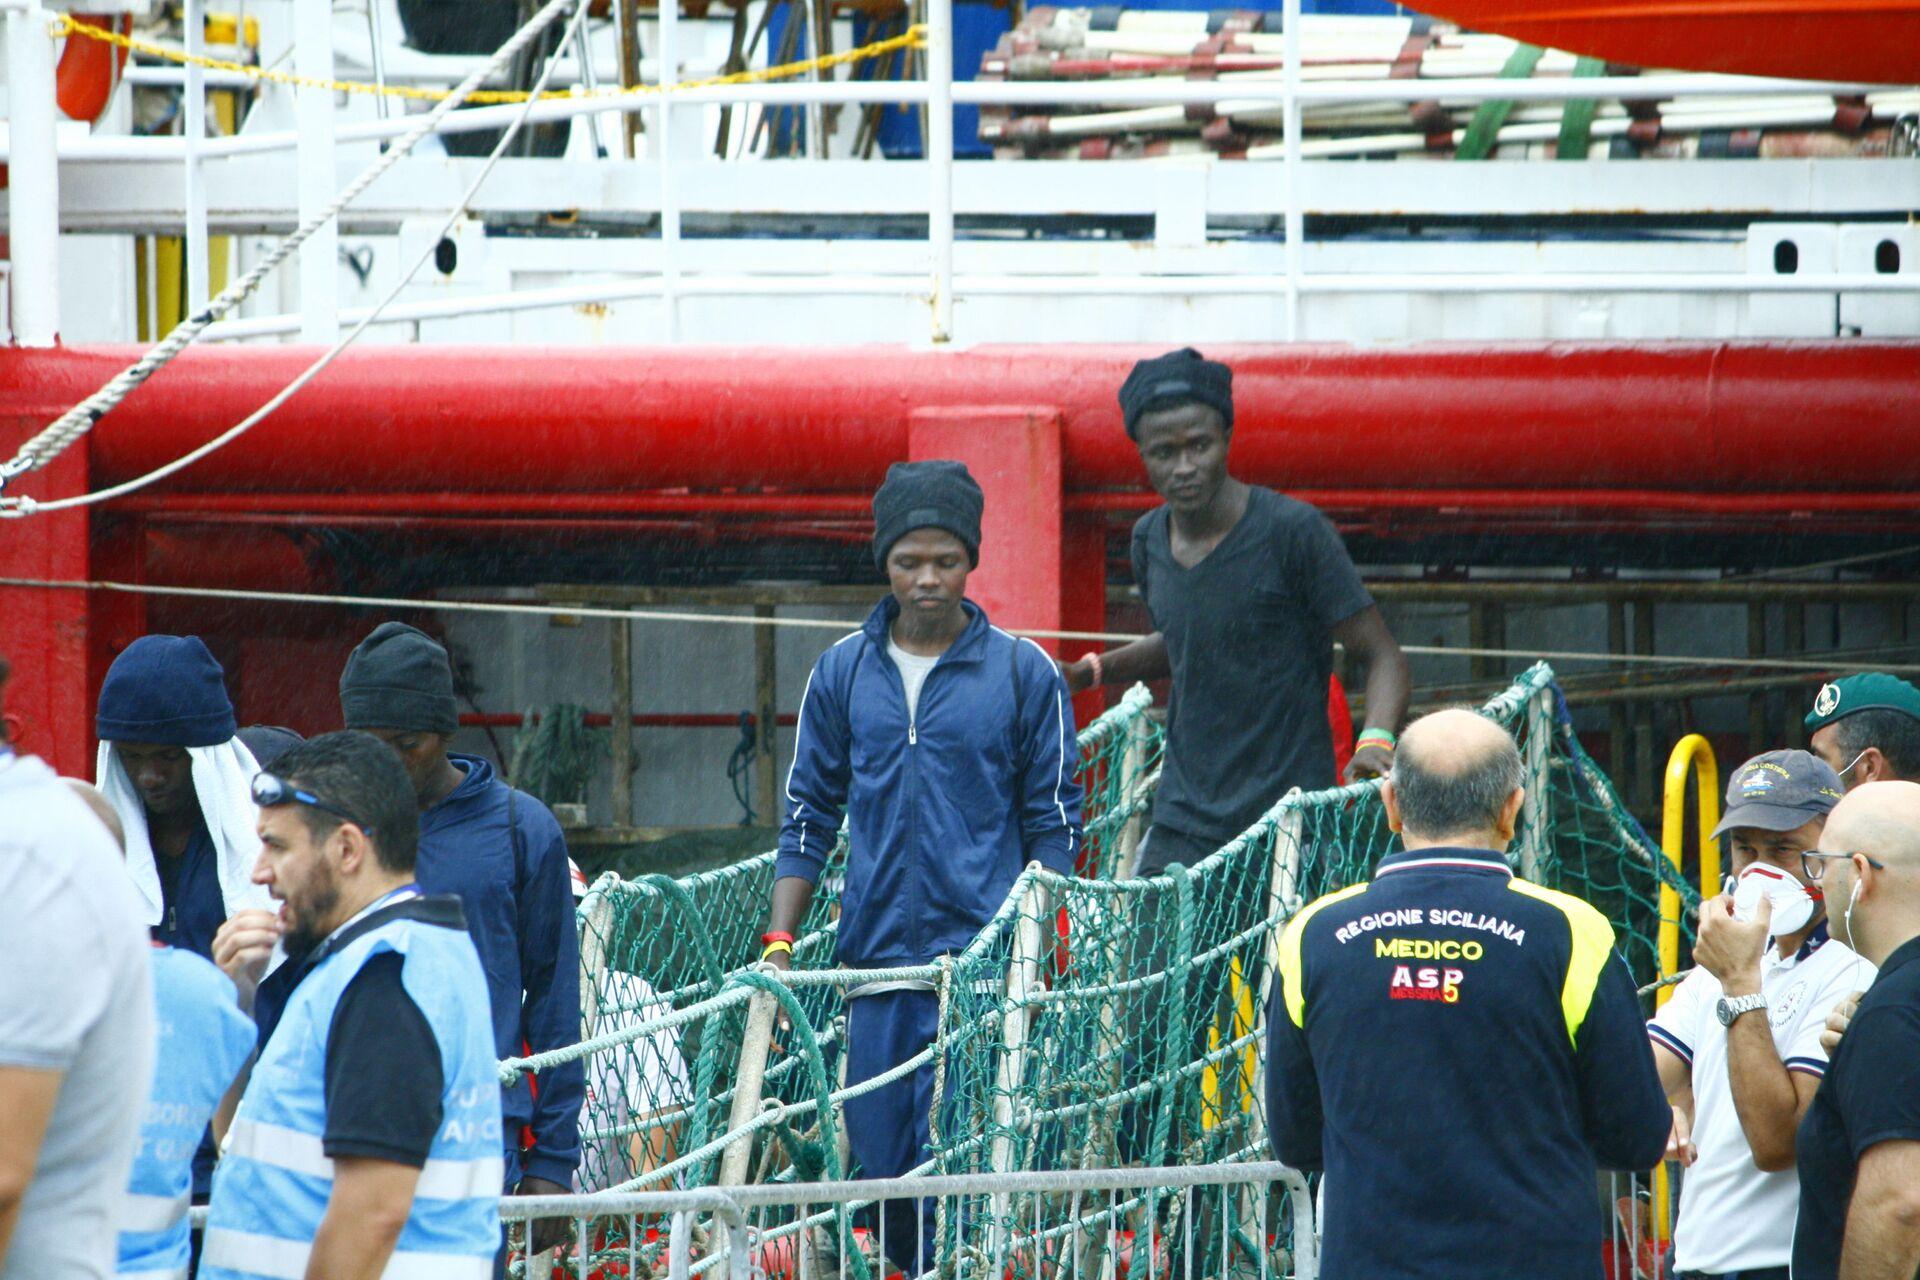 Frontex ora è nel mirino: spese pazze per le feste e violazioni sui migranti - Sputnik Italia, 1920, 09.02.2021